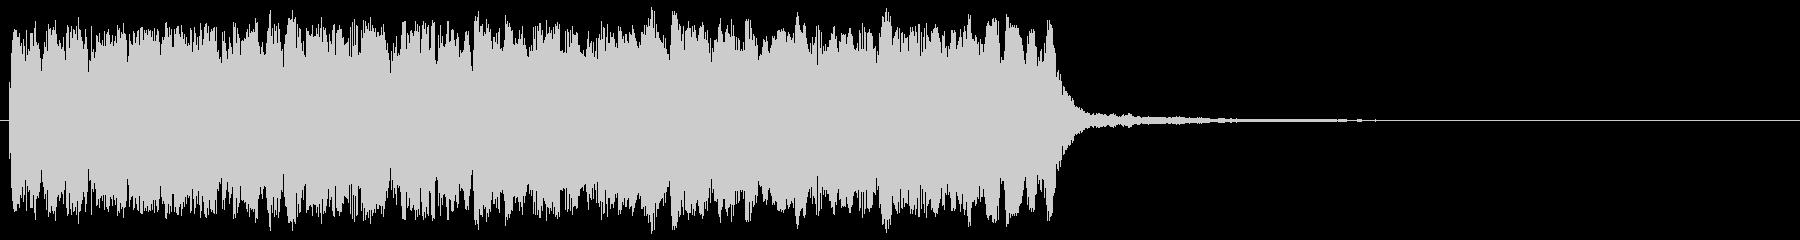 ゲームクリア 明るい高音 正解 場面転換の未再生の波形